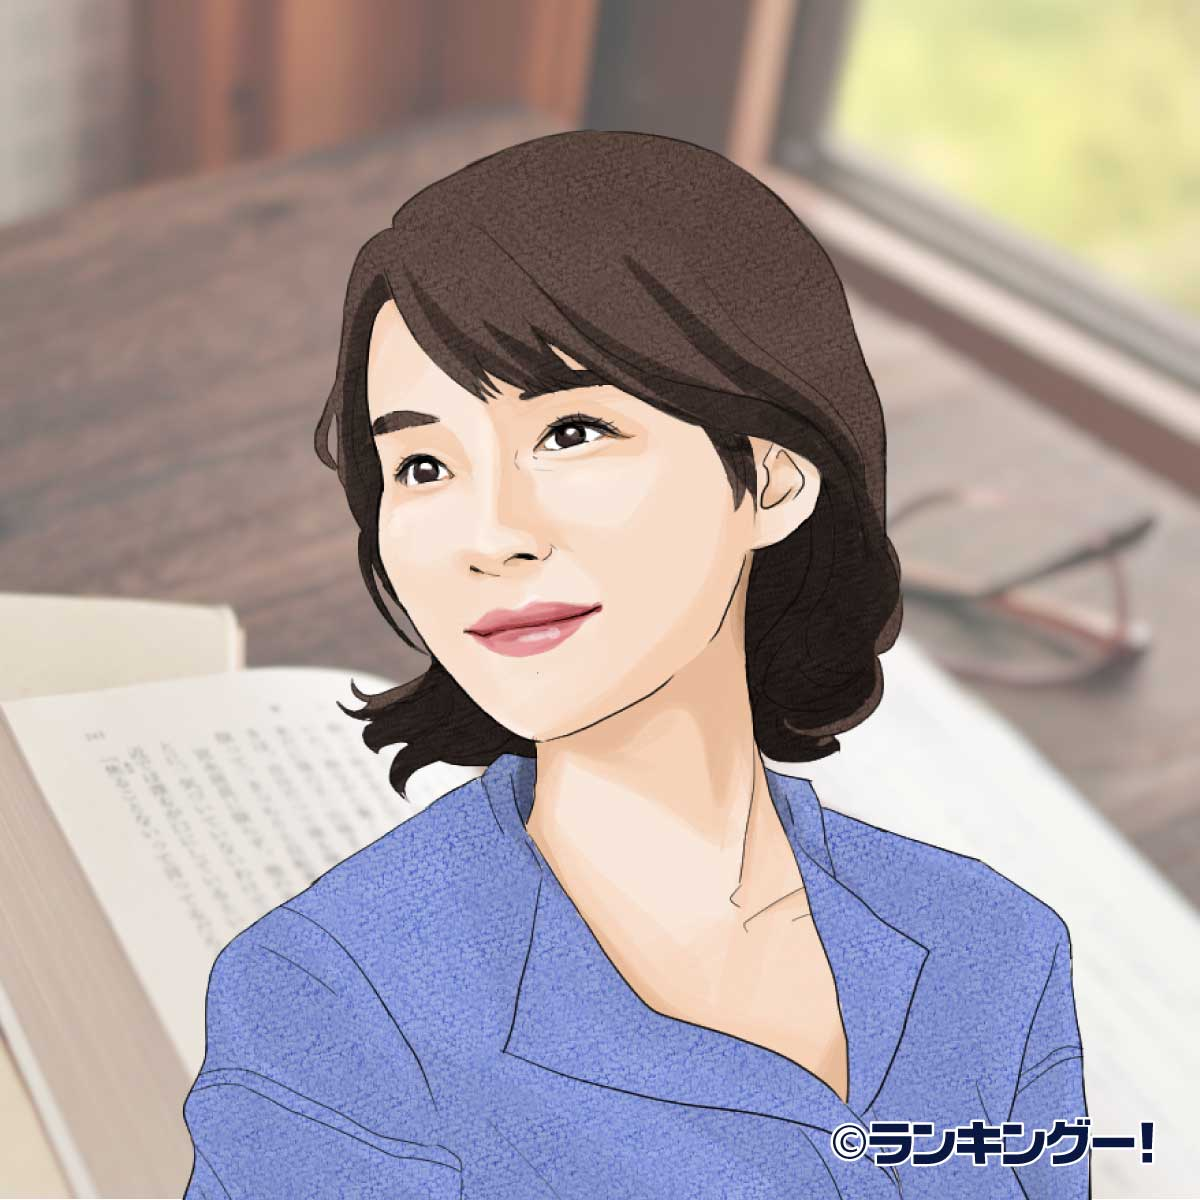 小説家・エッセイストも!「文才」を発揮する女性芸能人ランキング(9 ...